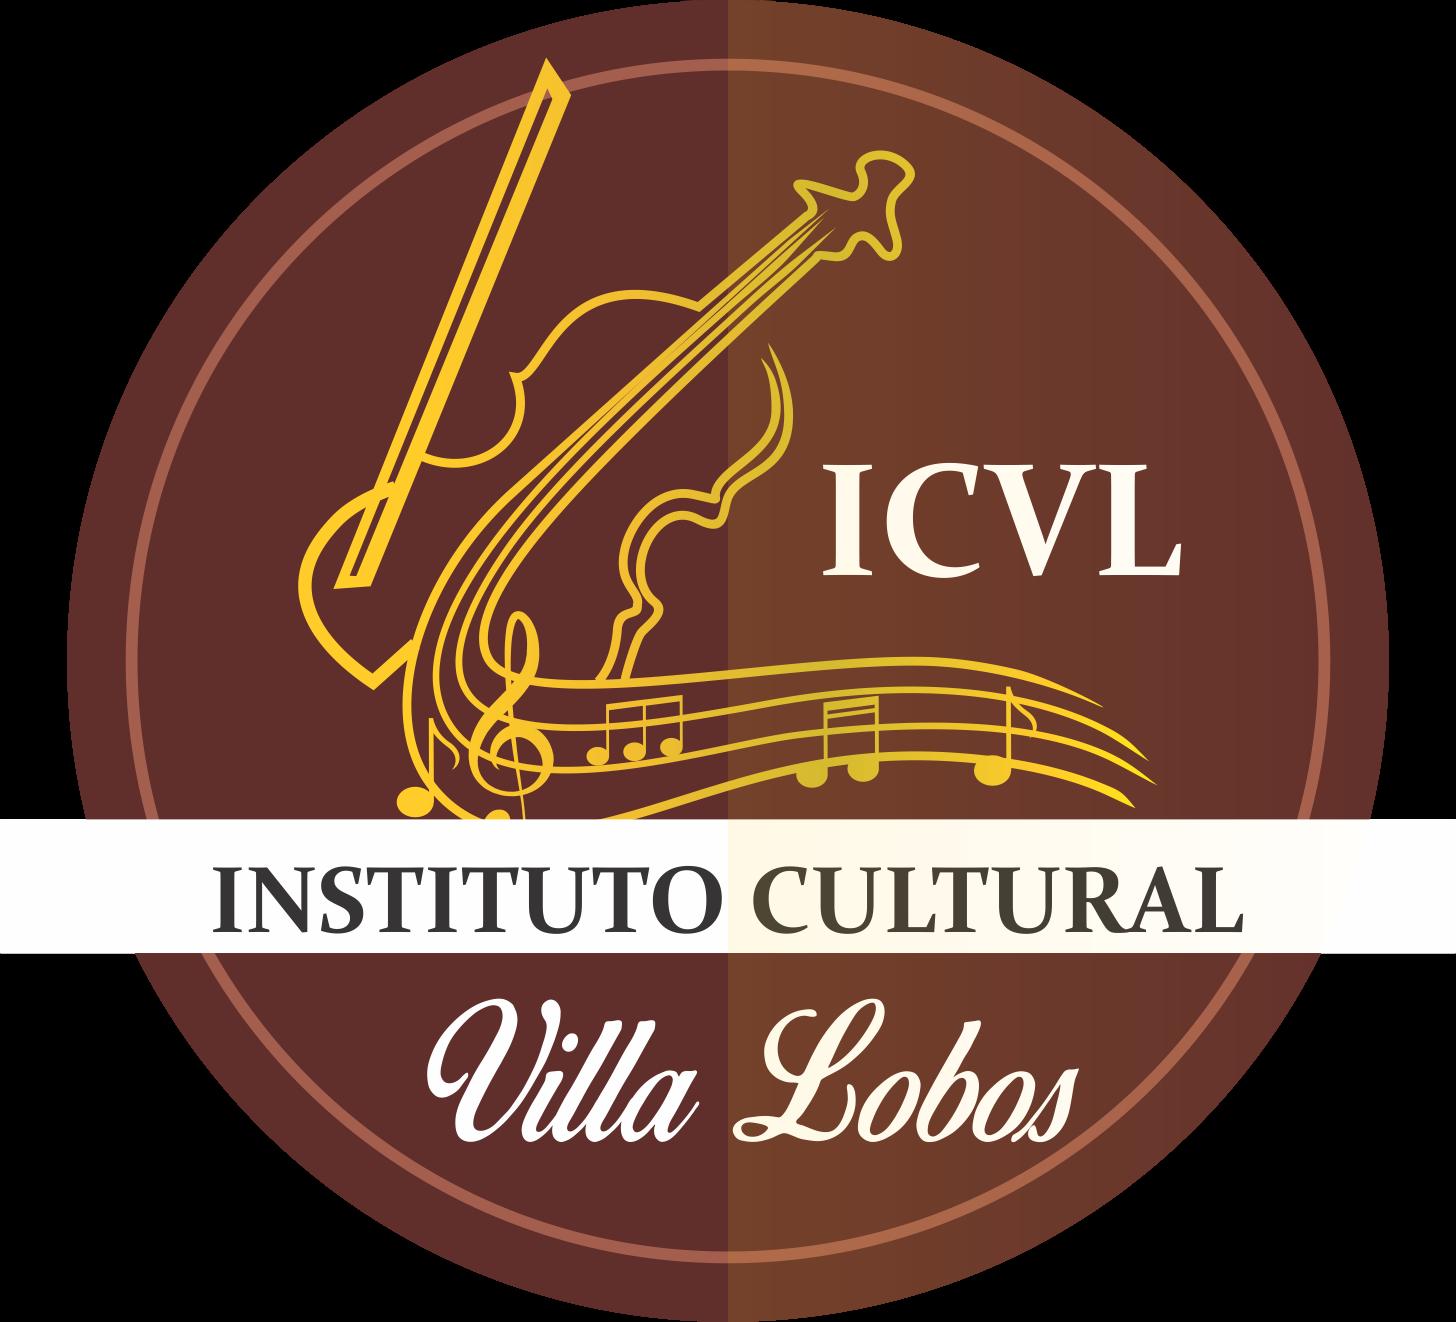 ICVL-PORTO VELHO